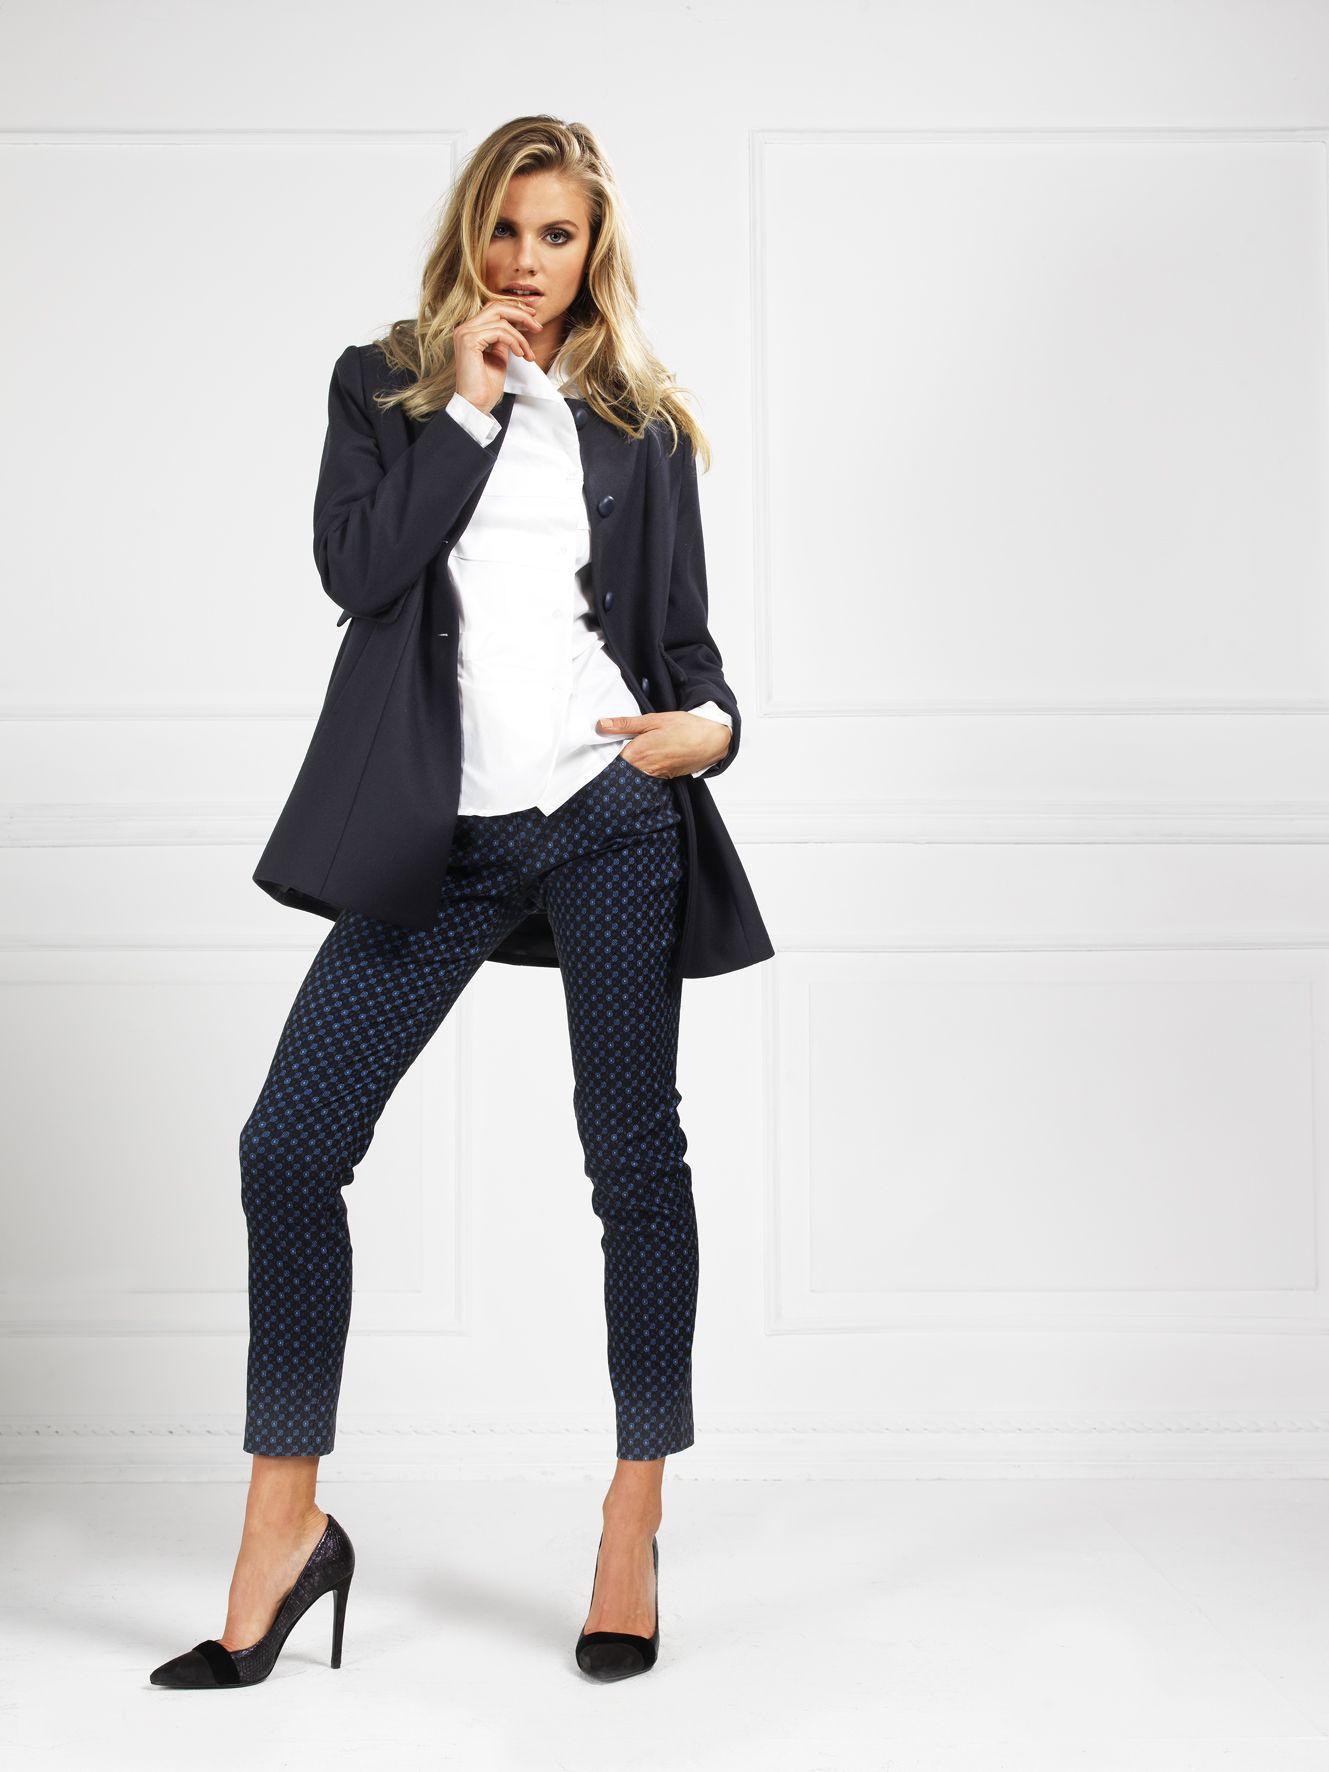 Camicia 15D2015 - Shirt 15D2015 - Giacca 15D2204 - Jacket 15D2204 - Pantalone 15D2218 - Trousers 15D2218